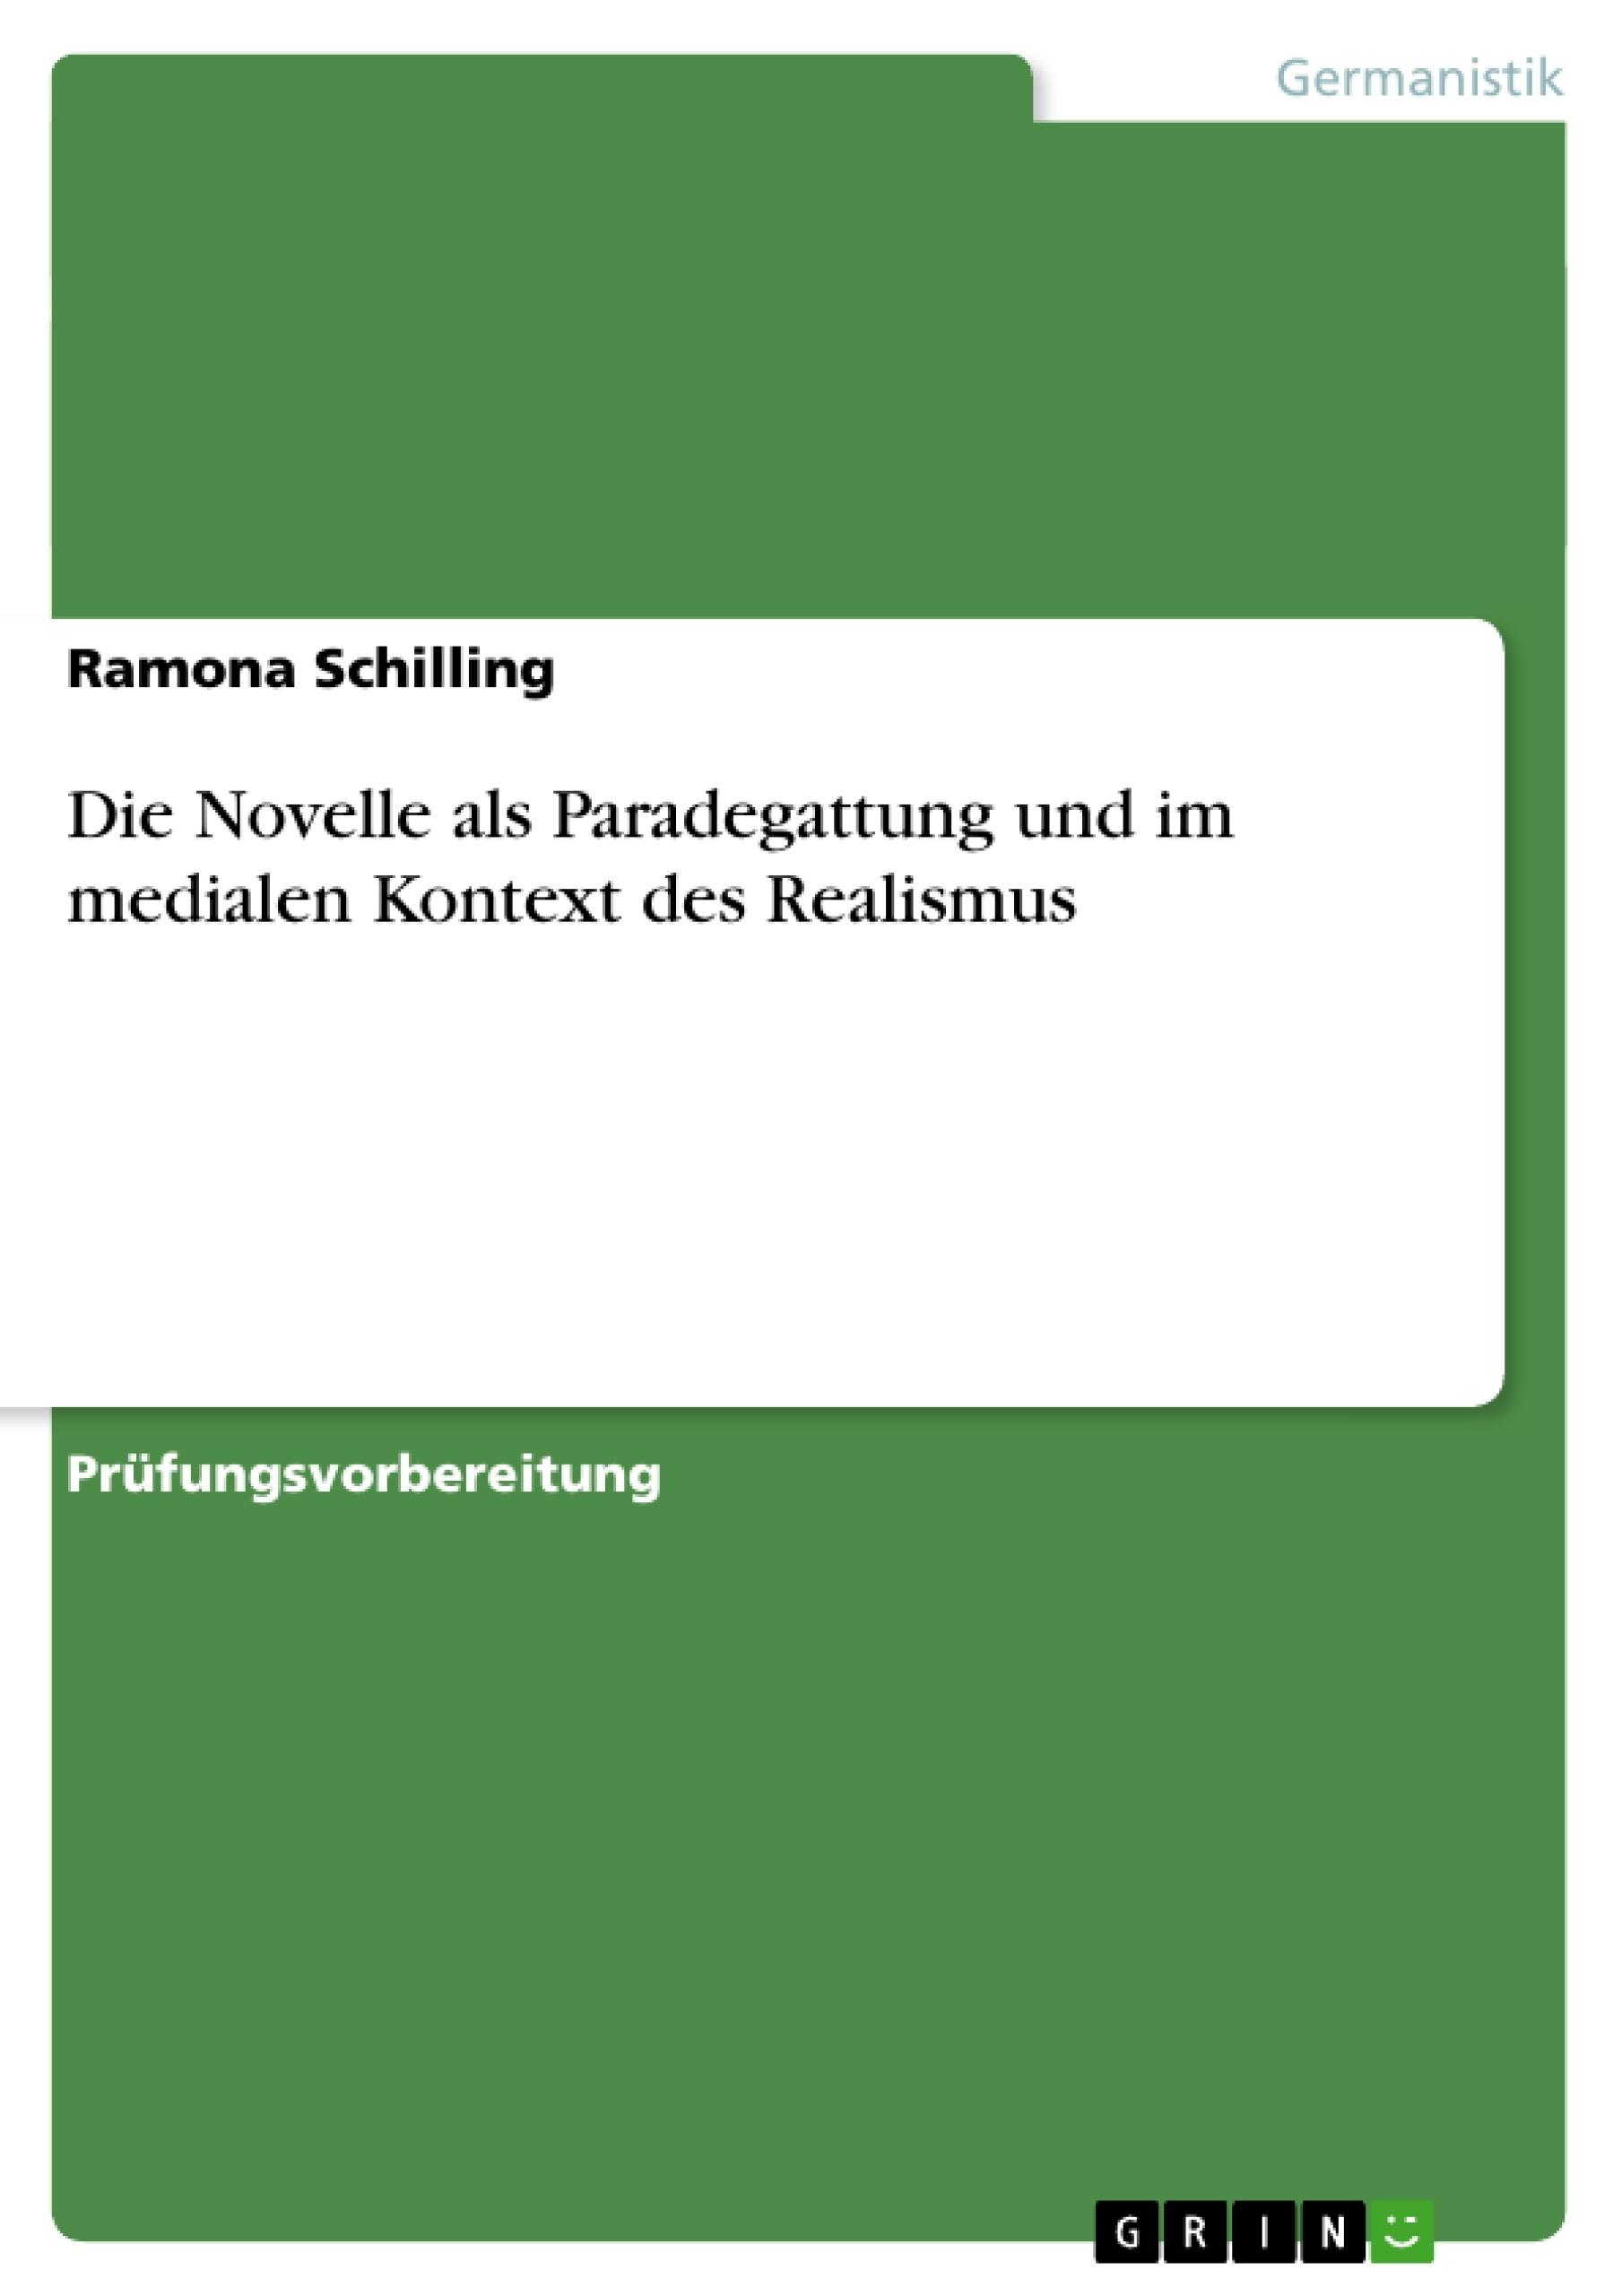 Titel: Die Novelle als Paradegattung und im medialen Kontext des Realismus